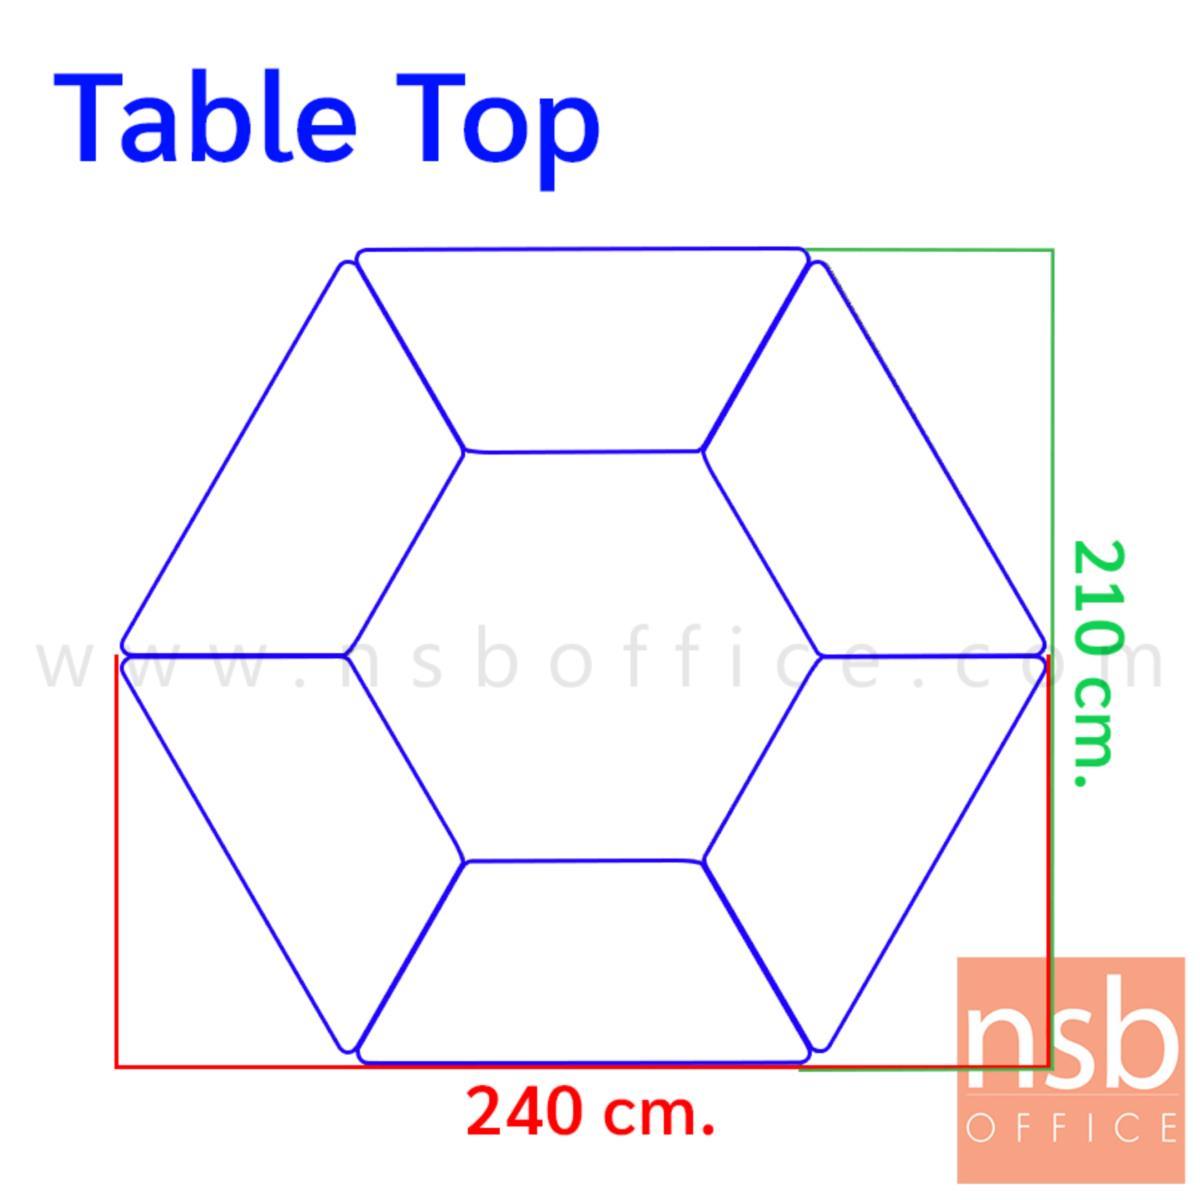 โต๊ะทำงานทรงคางหมู รุ่น Mulrey (มัลเรย์) ขนาด 120W cm.  โครงขาสีขาว (ราคาต่อตัว)